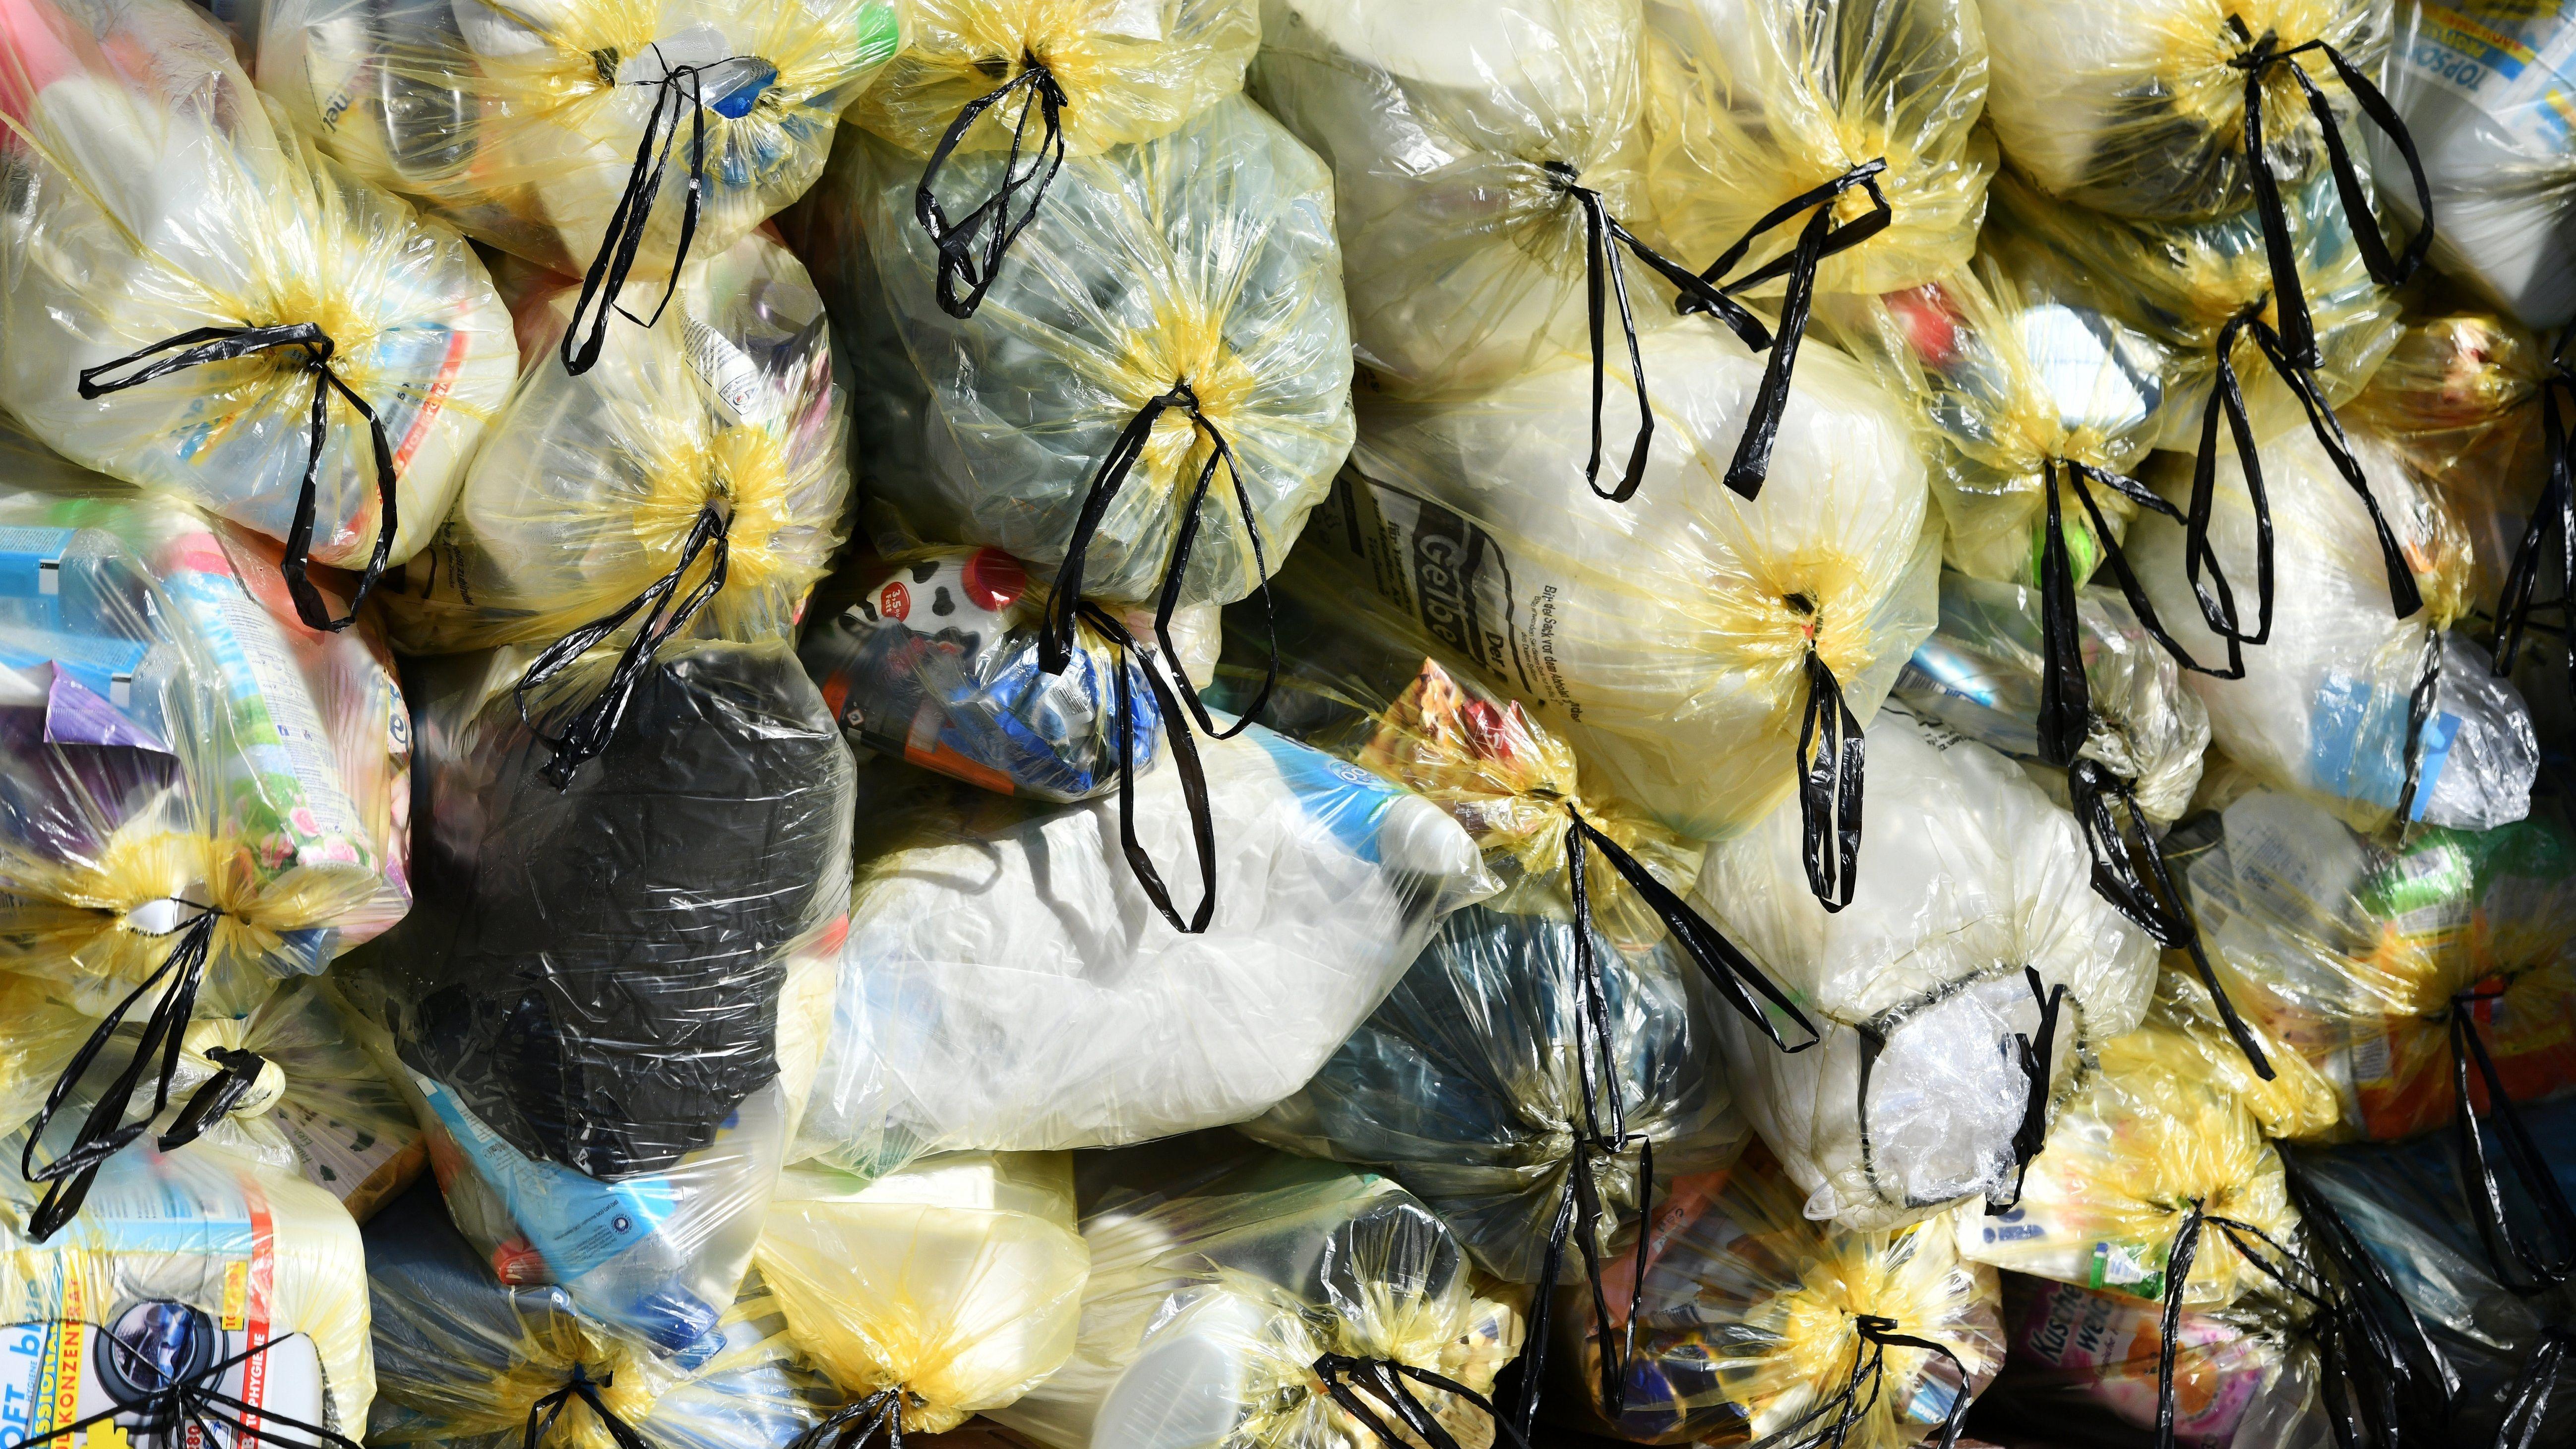 Gelbe Säcke mit Kunststoff-Abfällen (Grüner Punkt) stapeln sich am Straßenrand, aufgenommen am 20.03.2019 in Freising